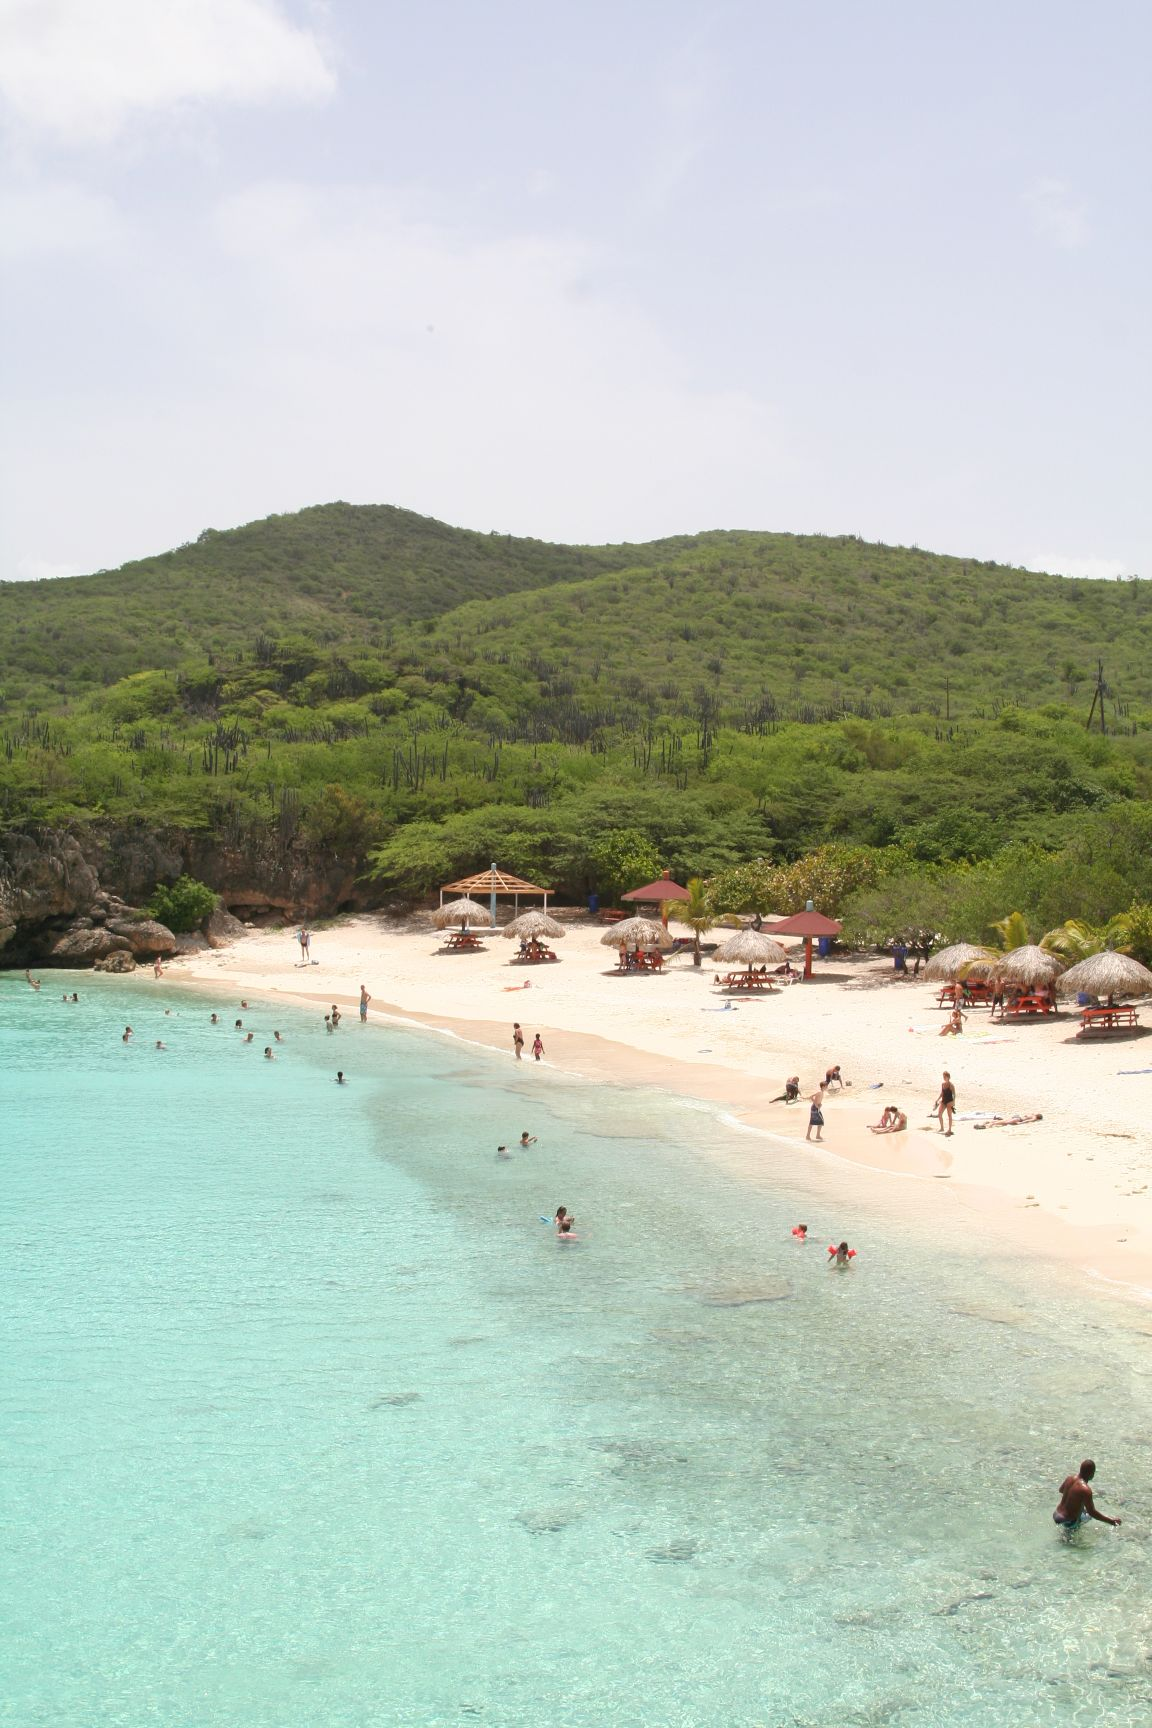 Carnet de voyage : Curaçao, un rêve en couleurs - 5